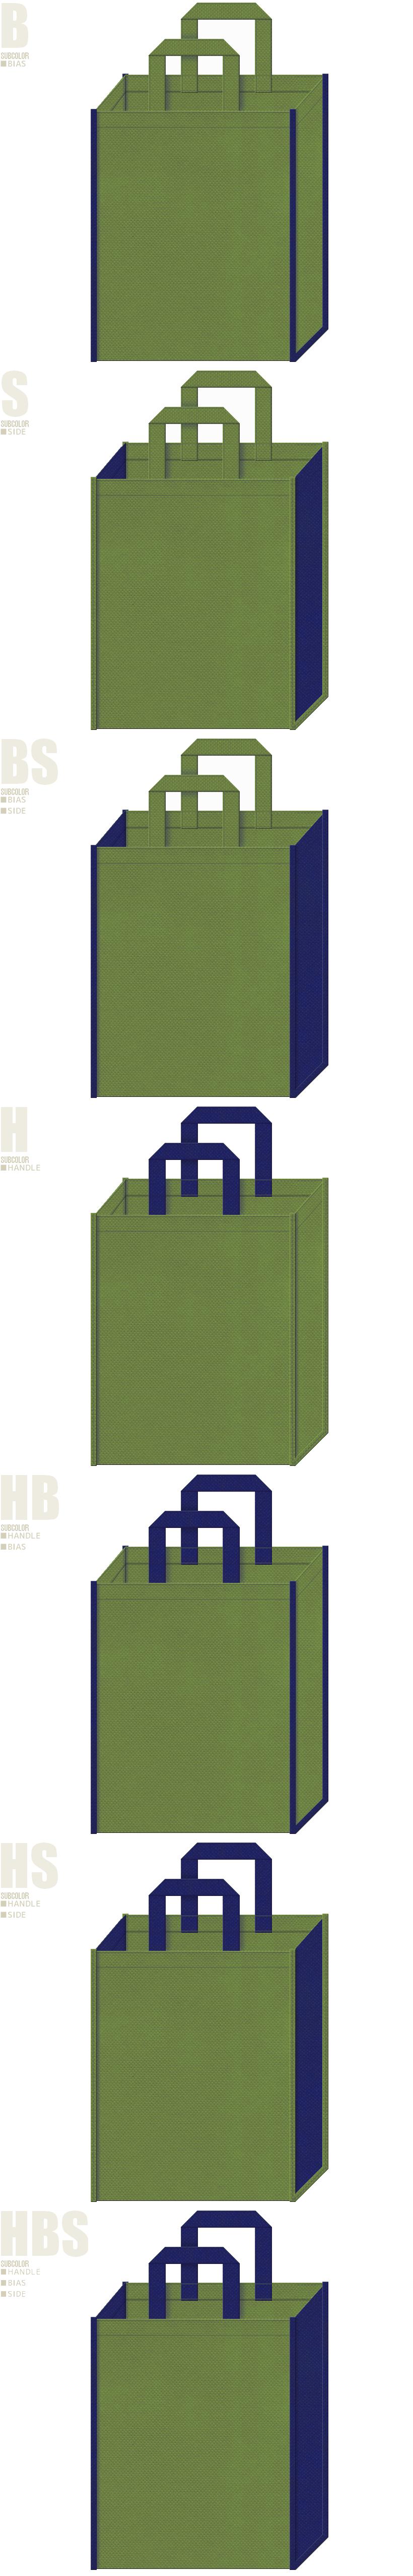 不織布バッグのデザイン:草色と明るい紺色の配色7パターン